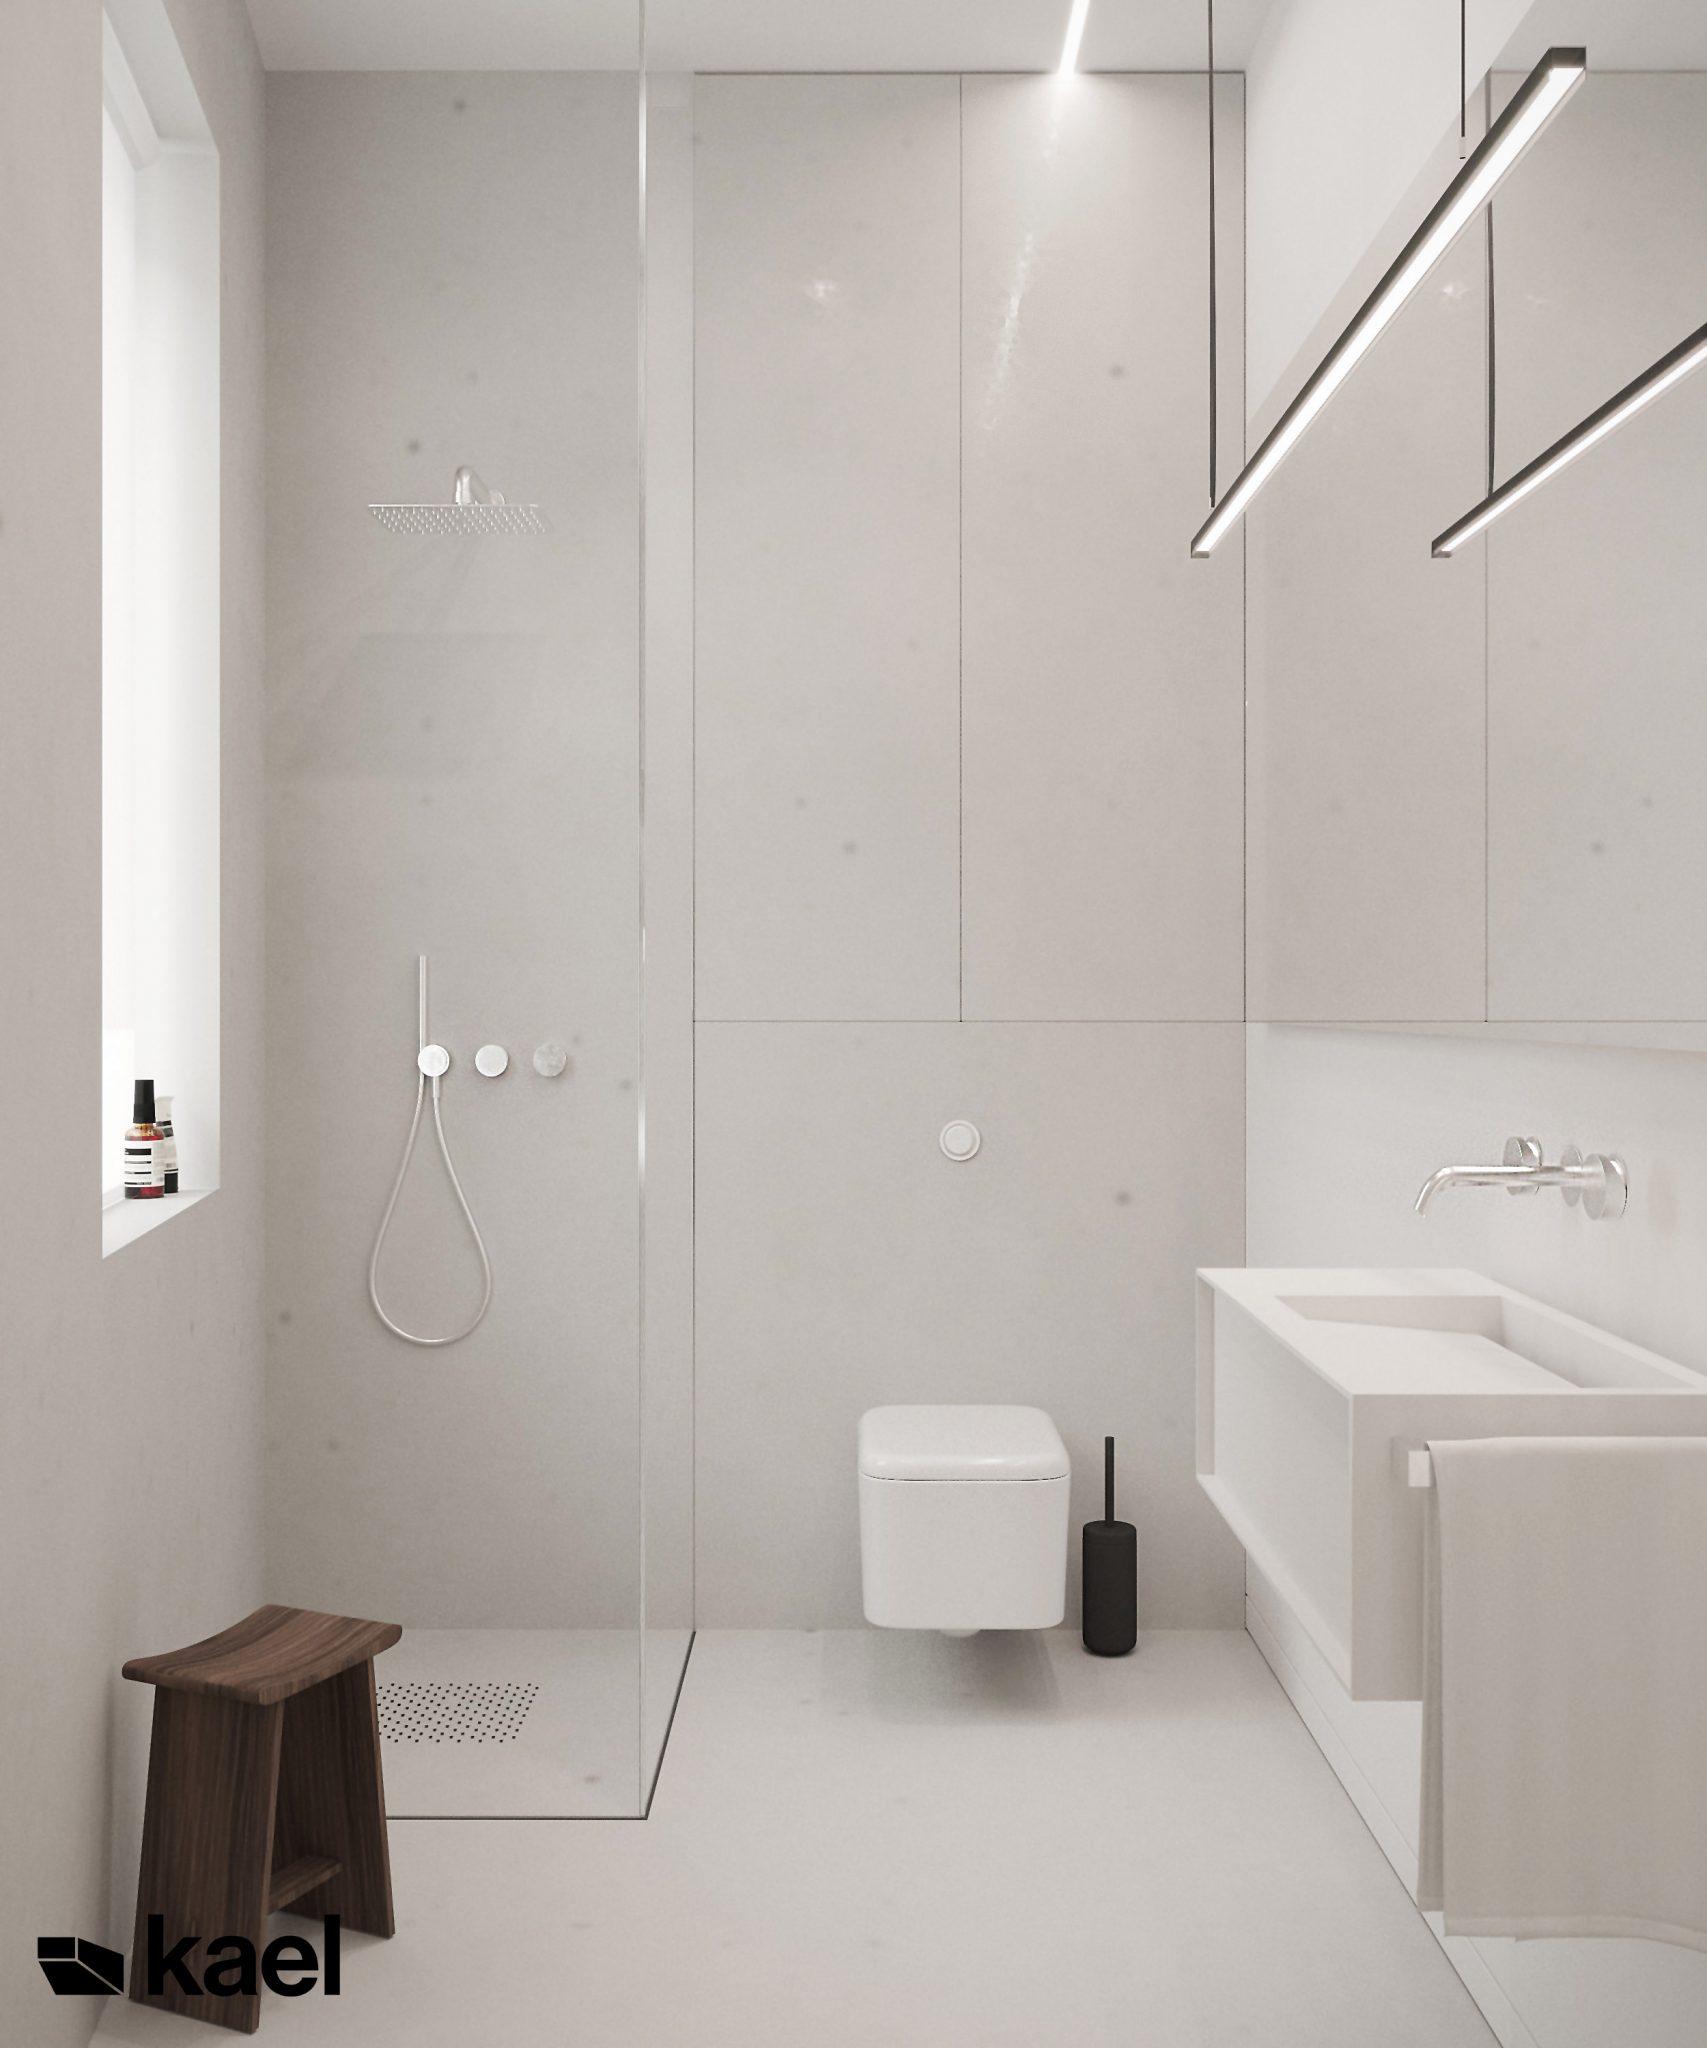 Łazienka w jasnych kolorach - projektowanie wnętrz Kael